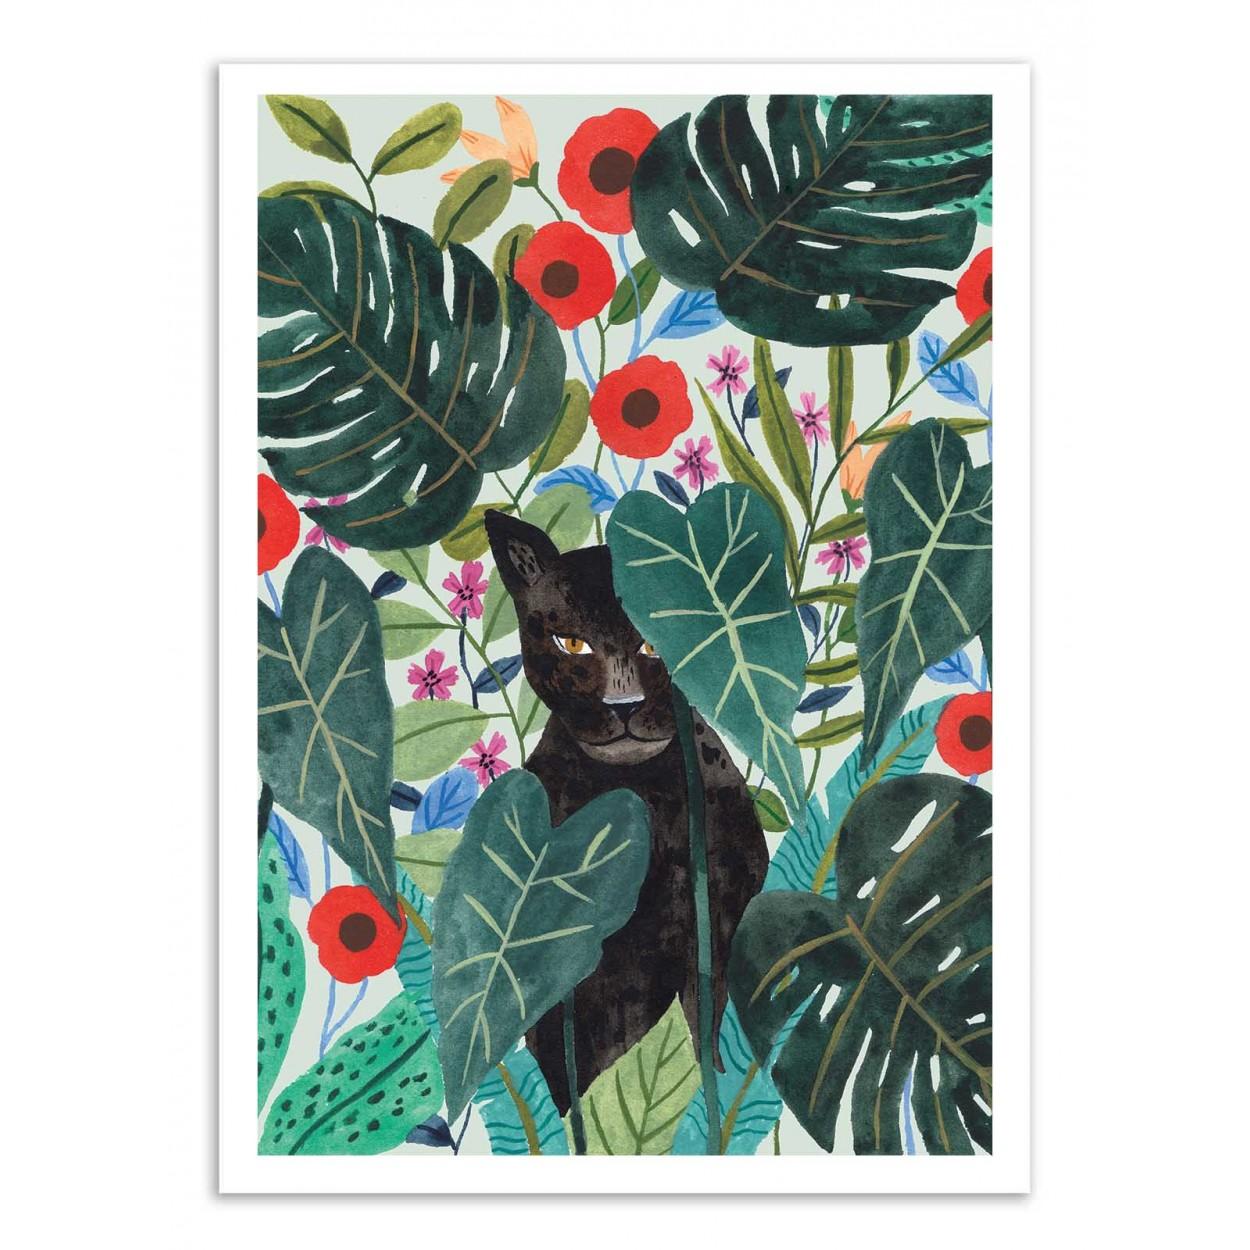 BLACK JAGUAR -  Affiche d'art 50 x 70 cm